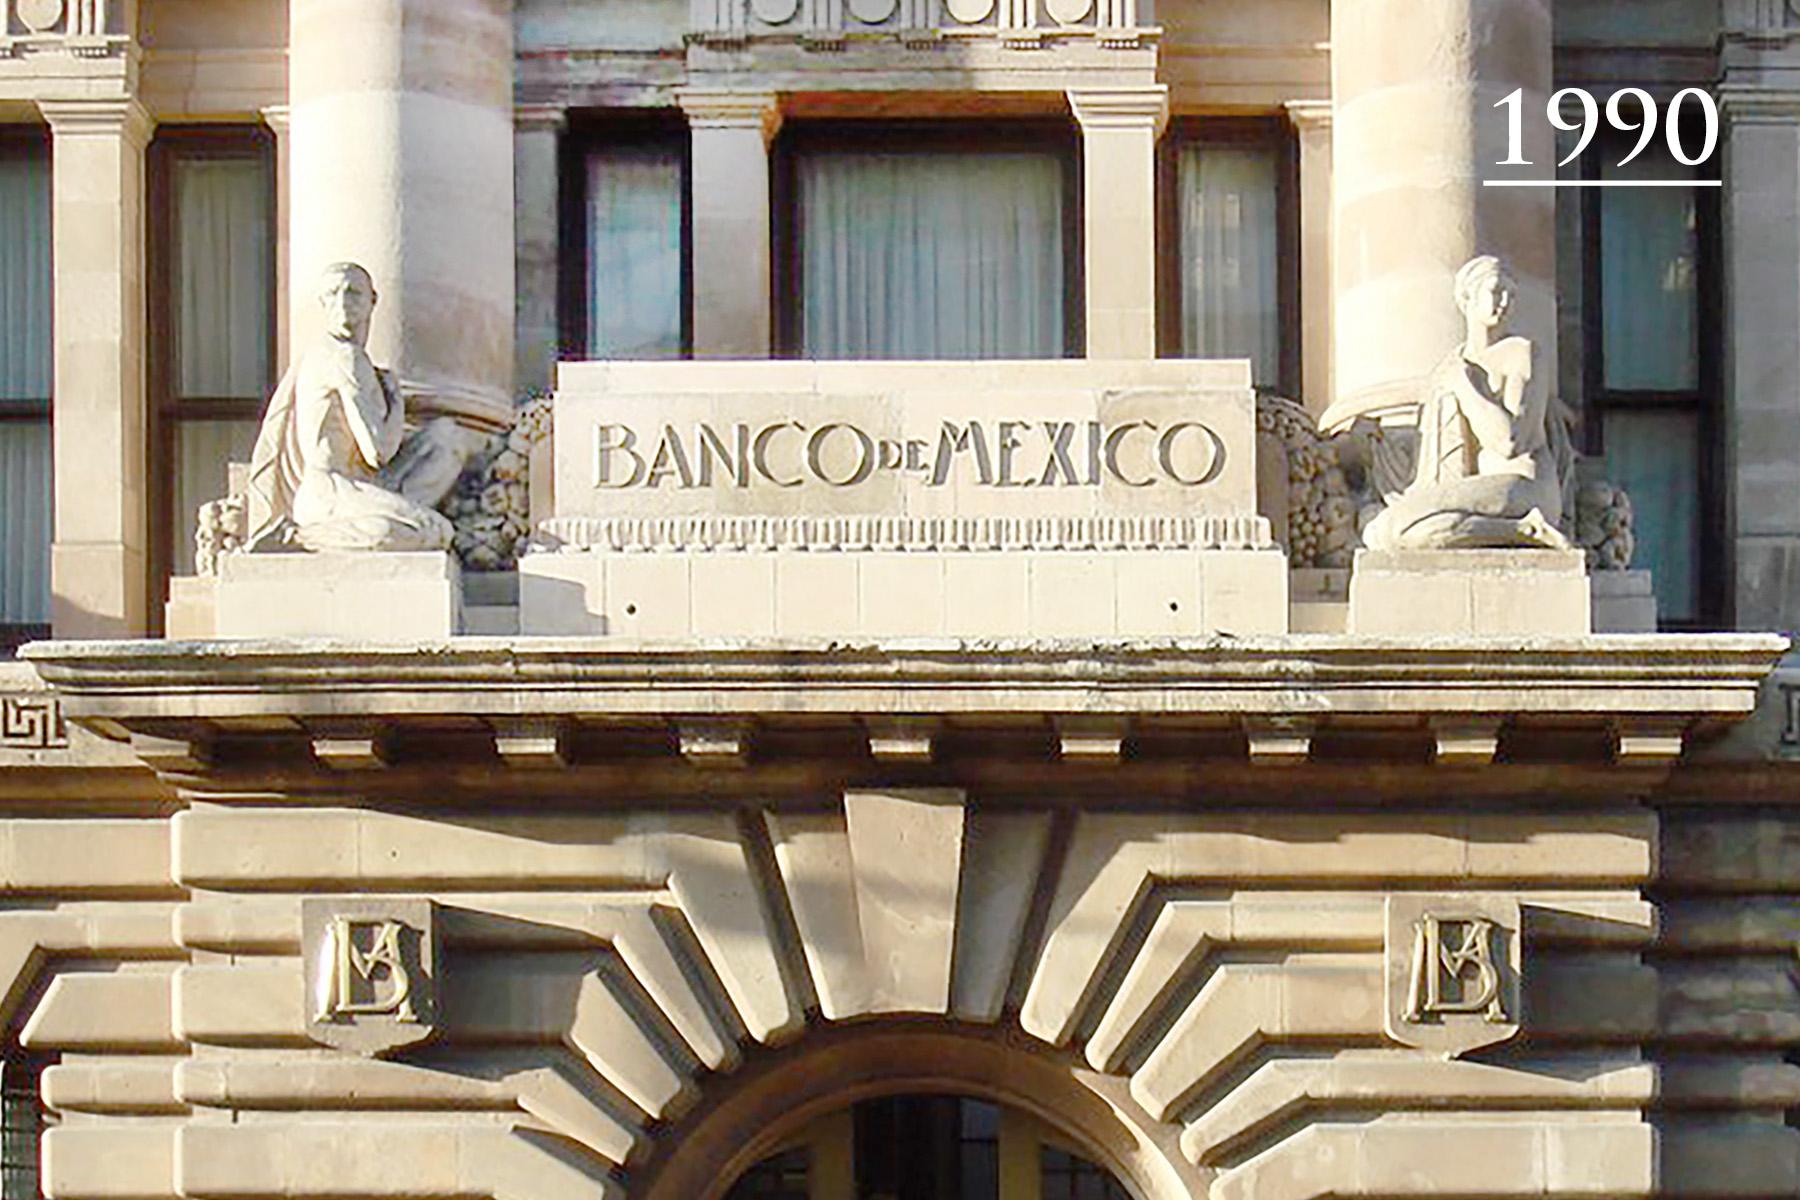 """Derivado de la reprivatización bancaria, se publicó la Ley de Instituciones de Crédito (LIC) que le otorgó al Banco de México la atribución de administrar el """"Fondo Bancario de Protección al Ahorro"""" (Fondo). Su objetivo era realizar las operaciones que fueran necesarias para prevenir problemas financieros que pudieran presentar los bancos, que les ocasionaran falta de liquidez y limitaran su capacidad para cumplir las obligaciones con los depositantes."""